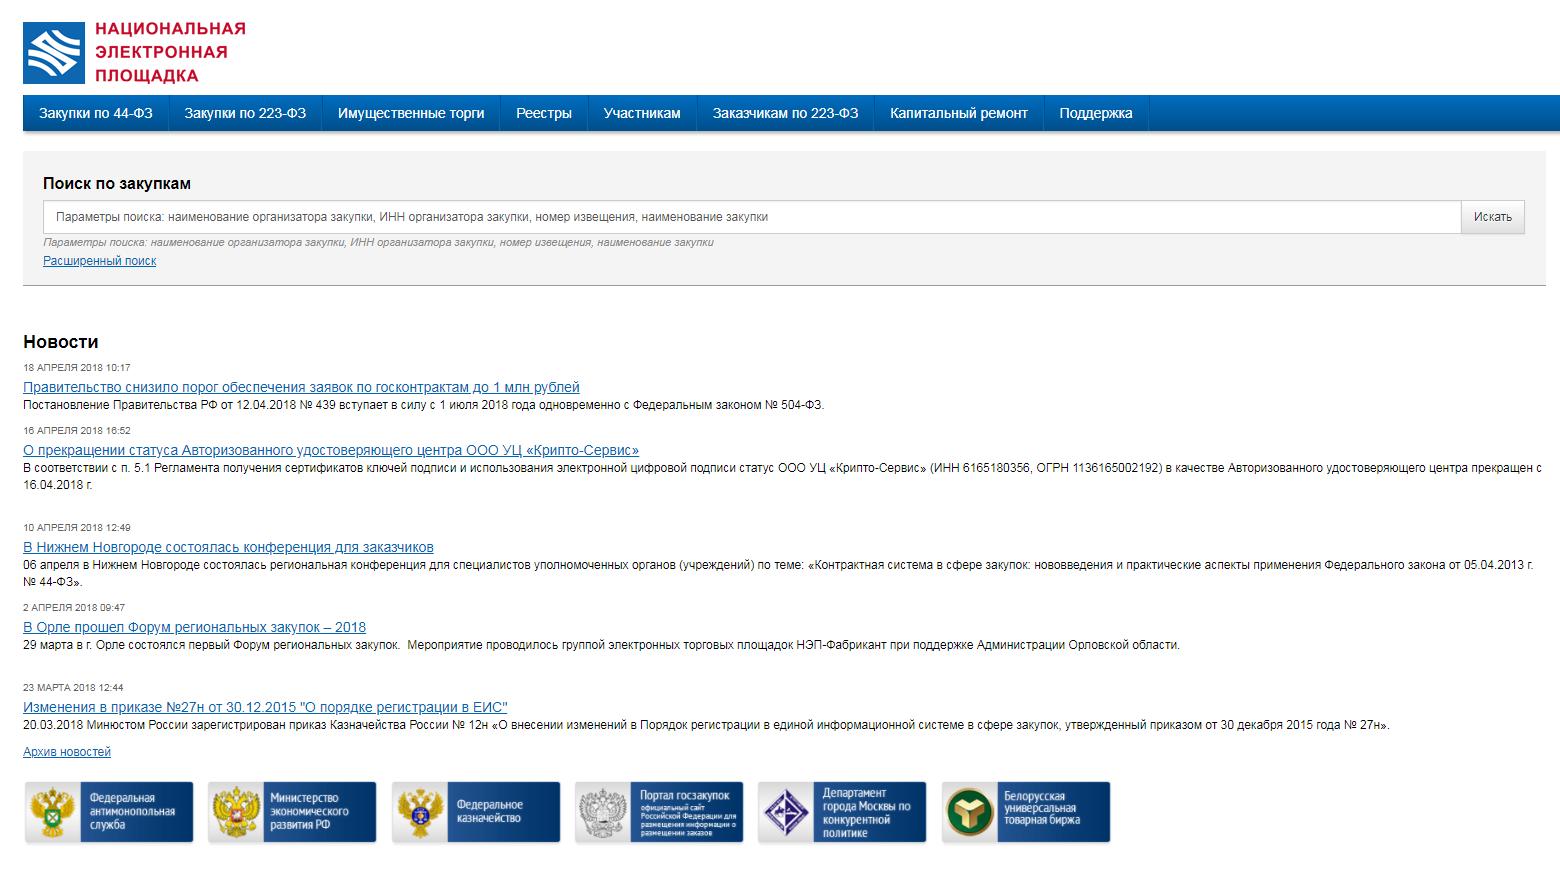 ЭТП НЭП Национальная электронная торговая площадка (ММВБ) etp-ets.ru